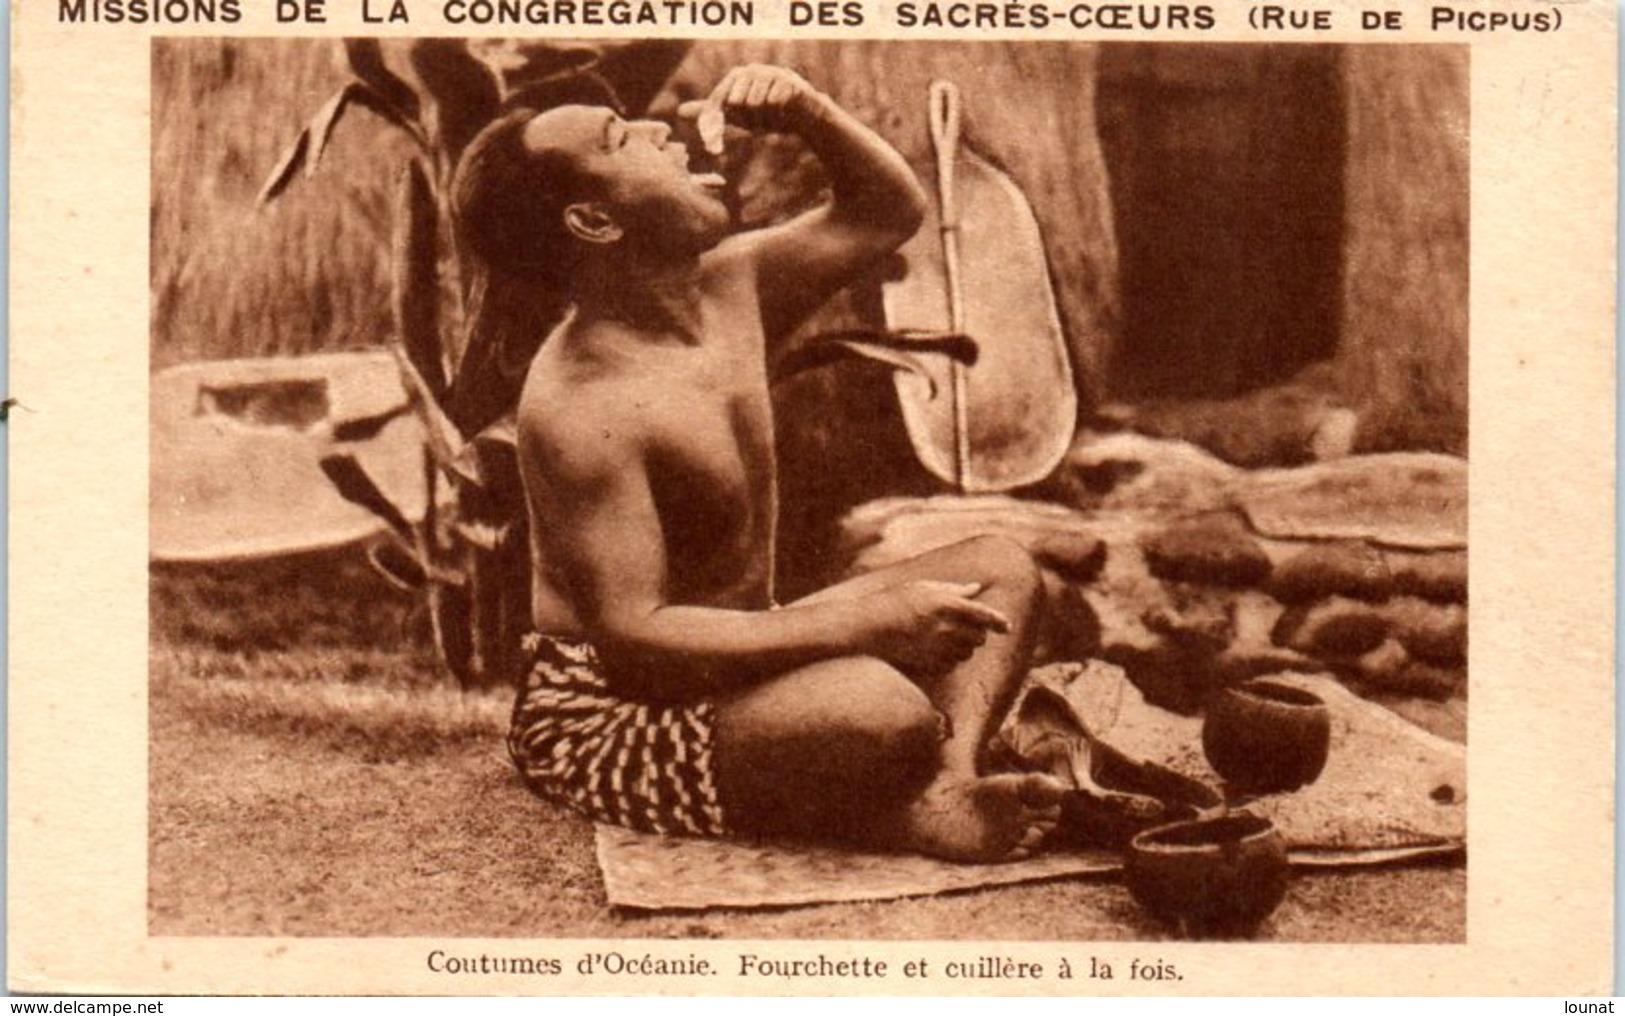 L'Afrique - Coutumes D'Océanie - Fourchette Et Cuillère à La Fois - Missions De La Congrégation Des Sacrés Coeurs - Missions